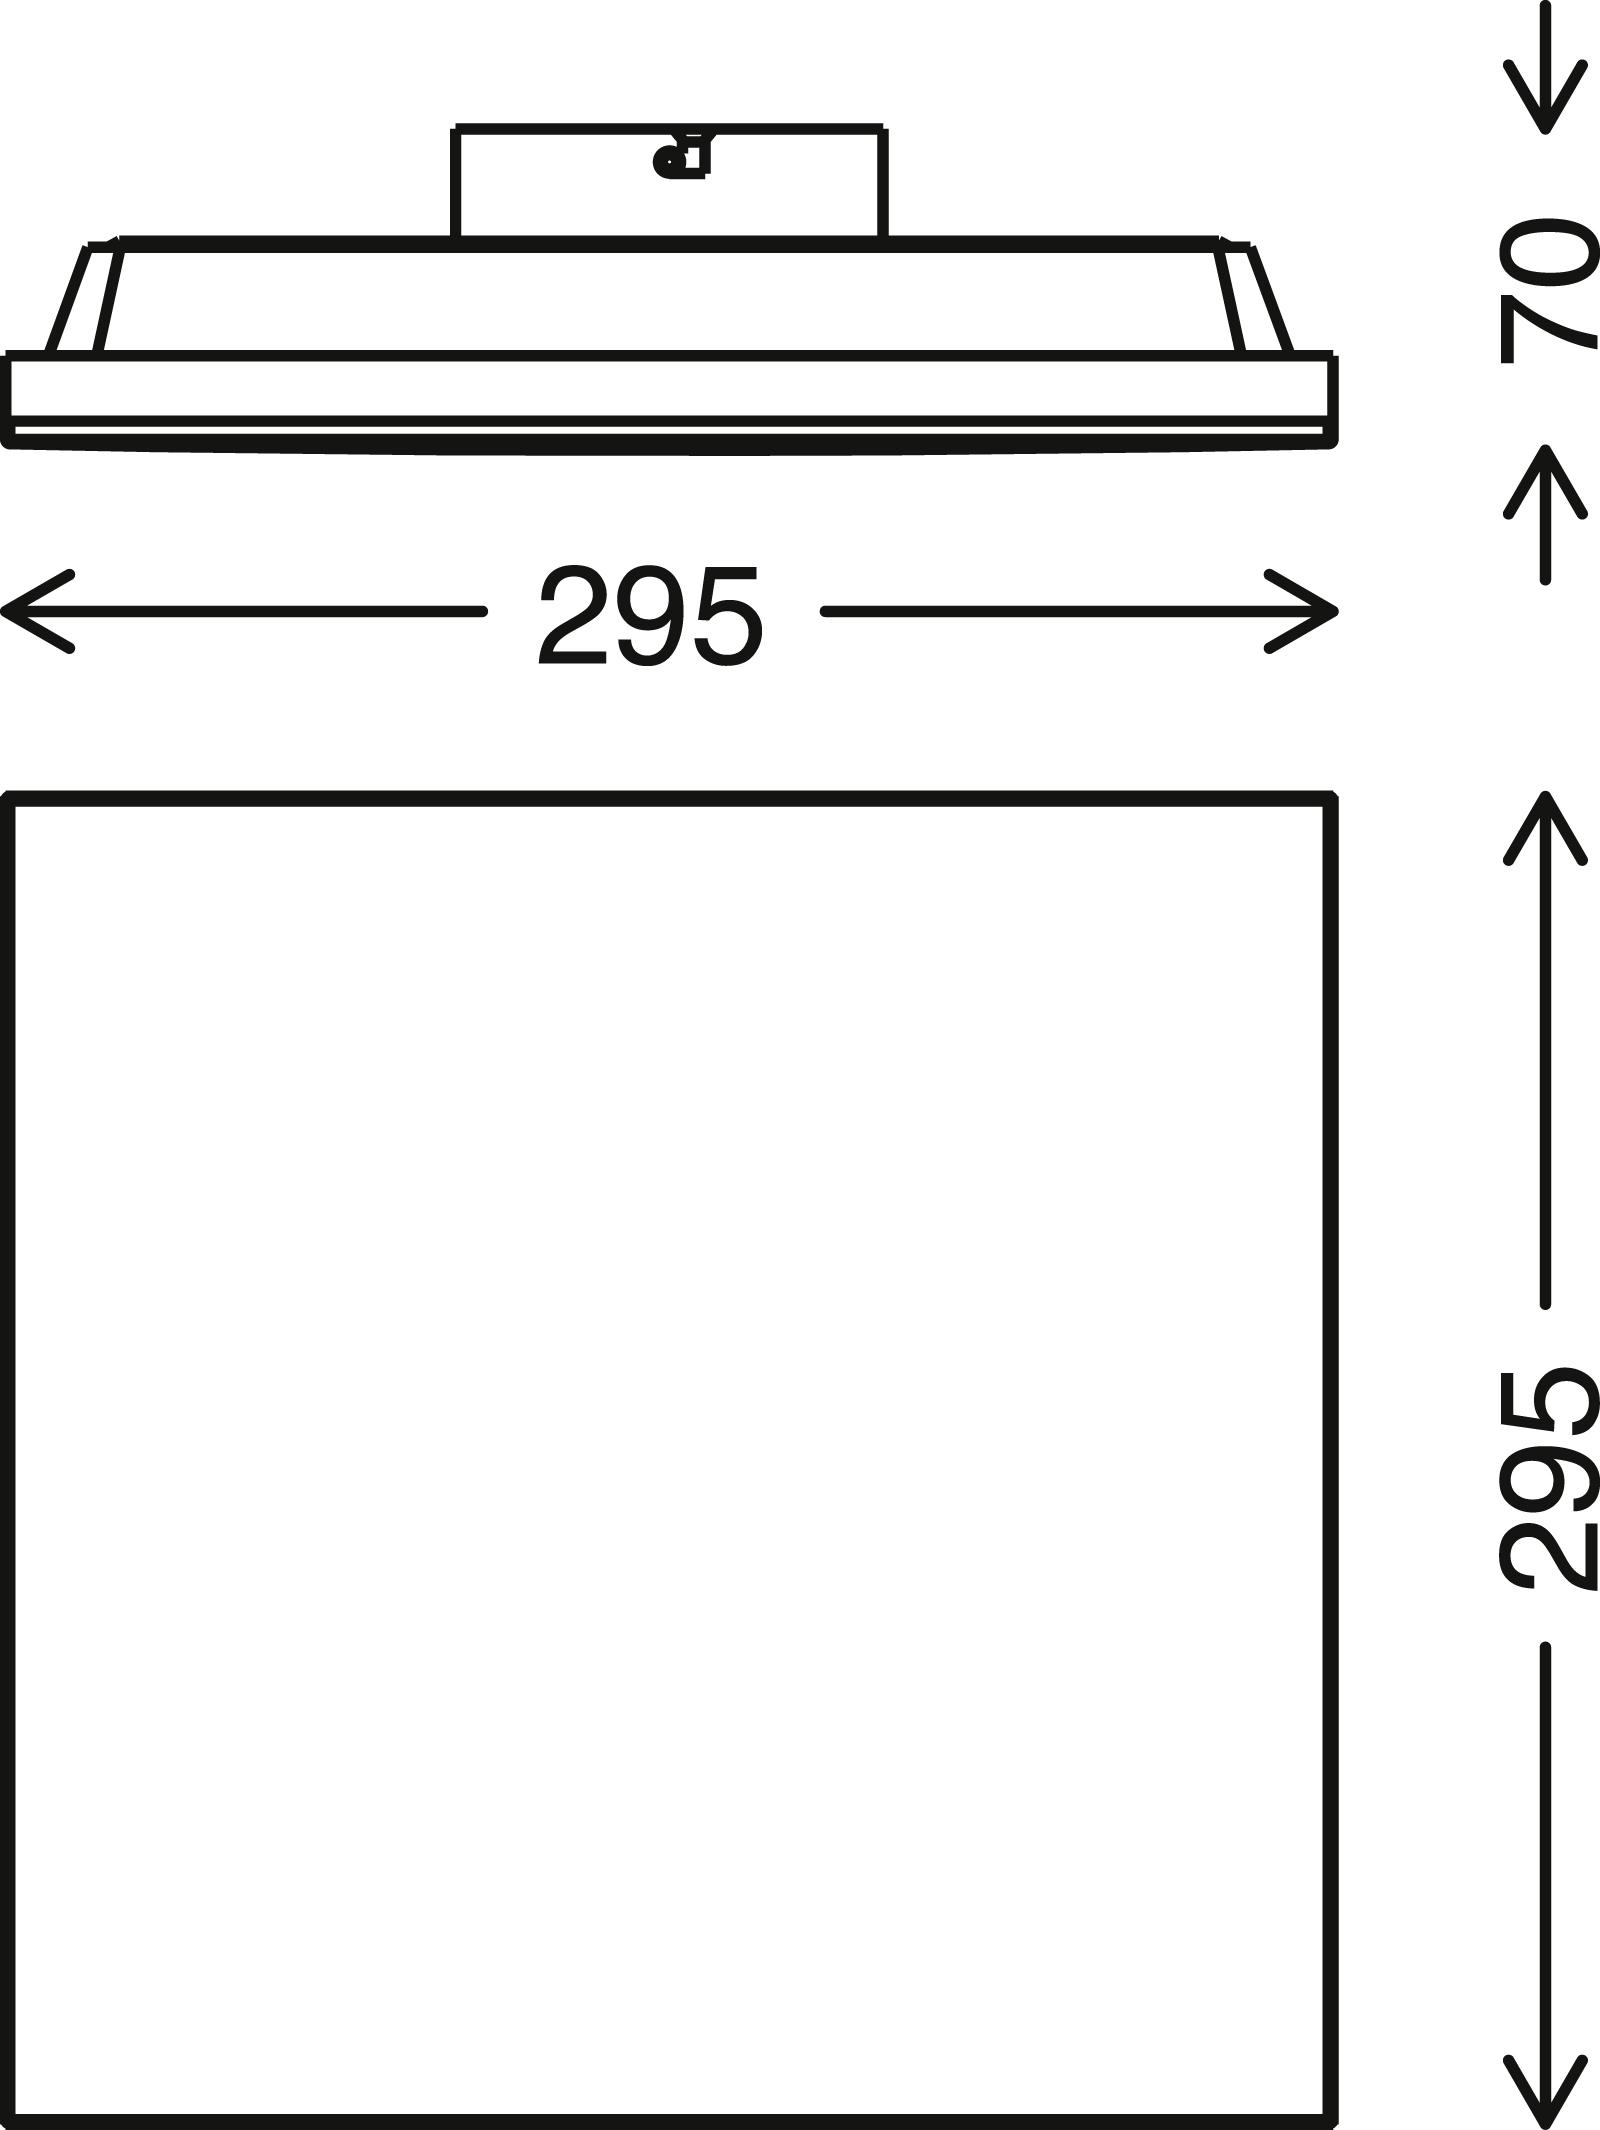 FRAMELESS LED Panel, 29,5 cm, 1600 LUMEN, 12 WATT, Weiß